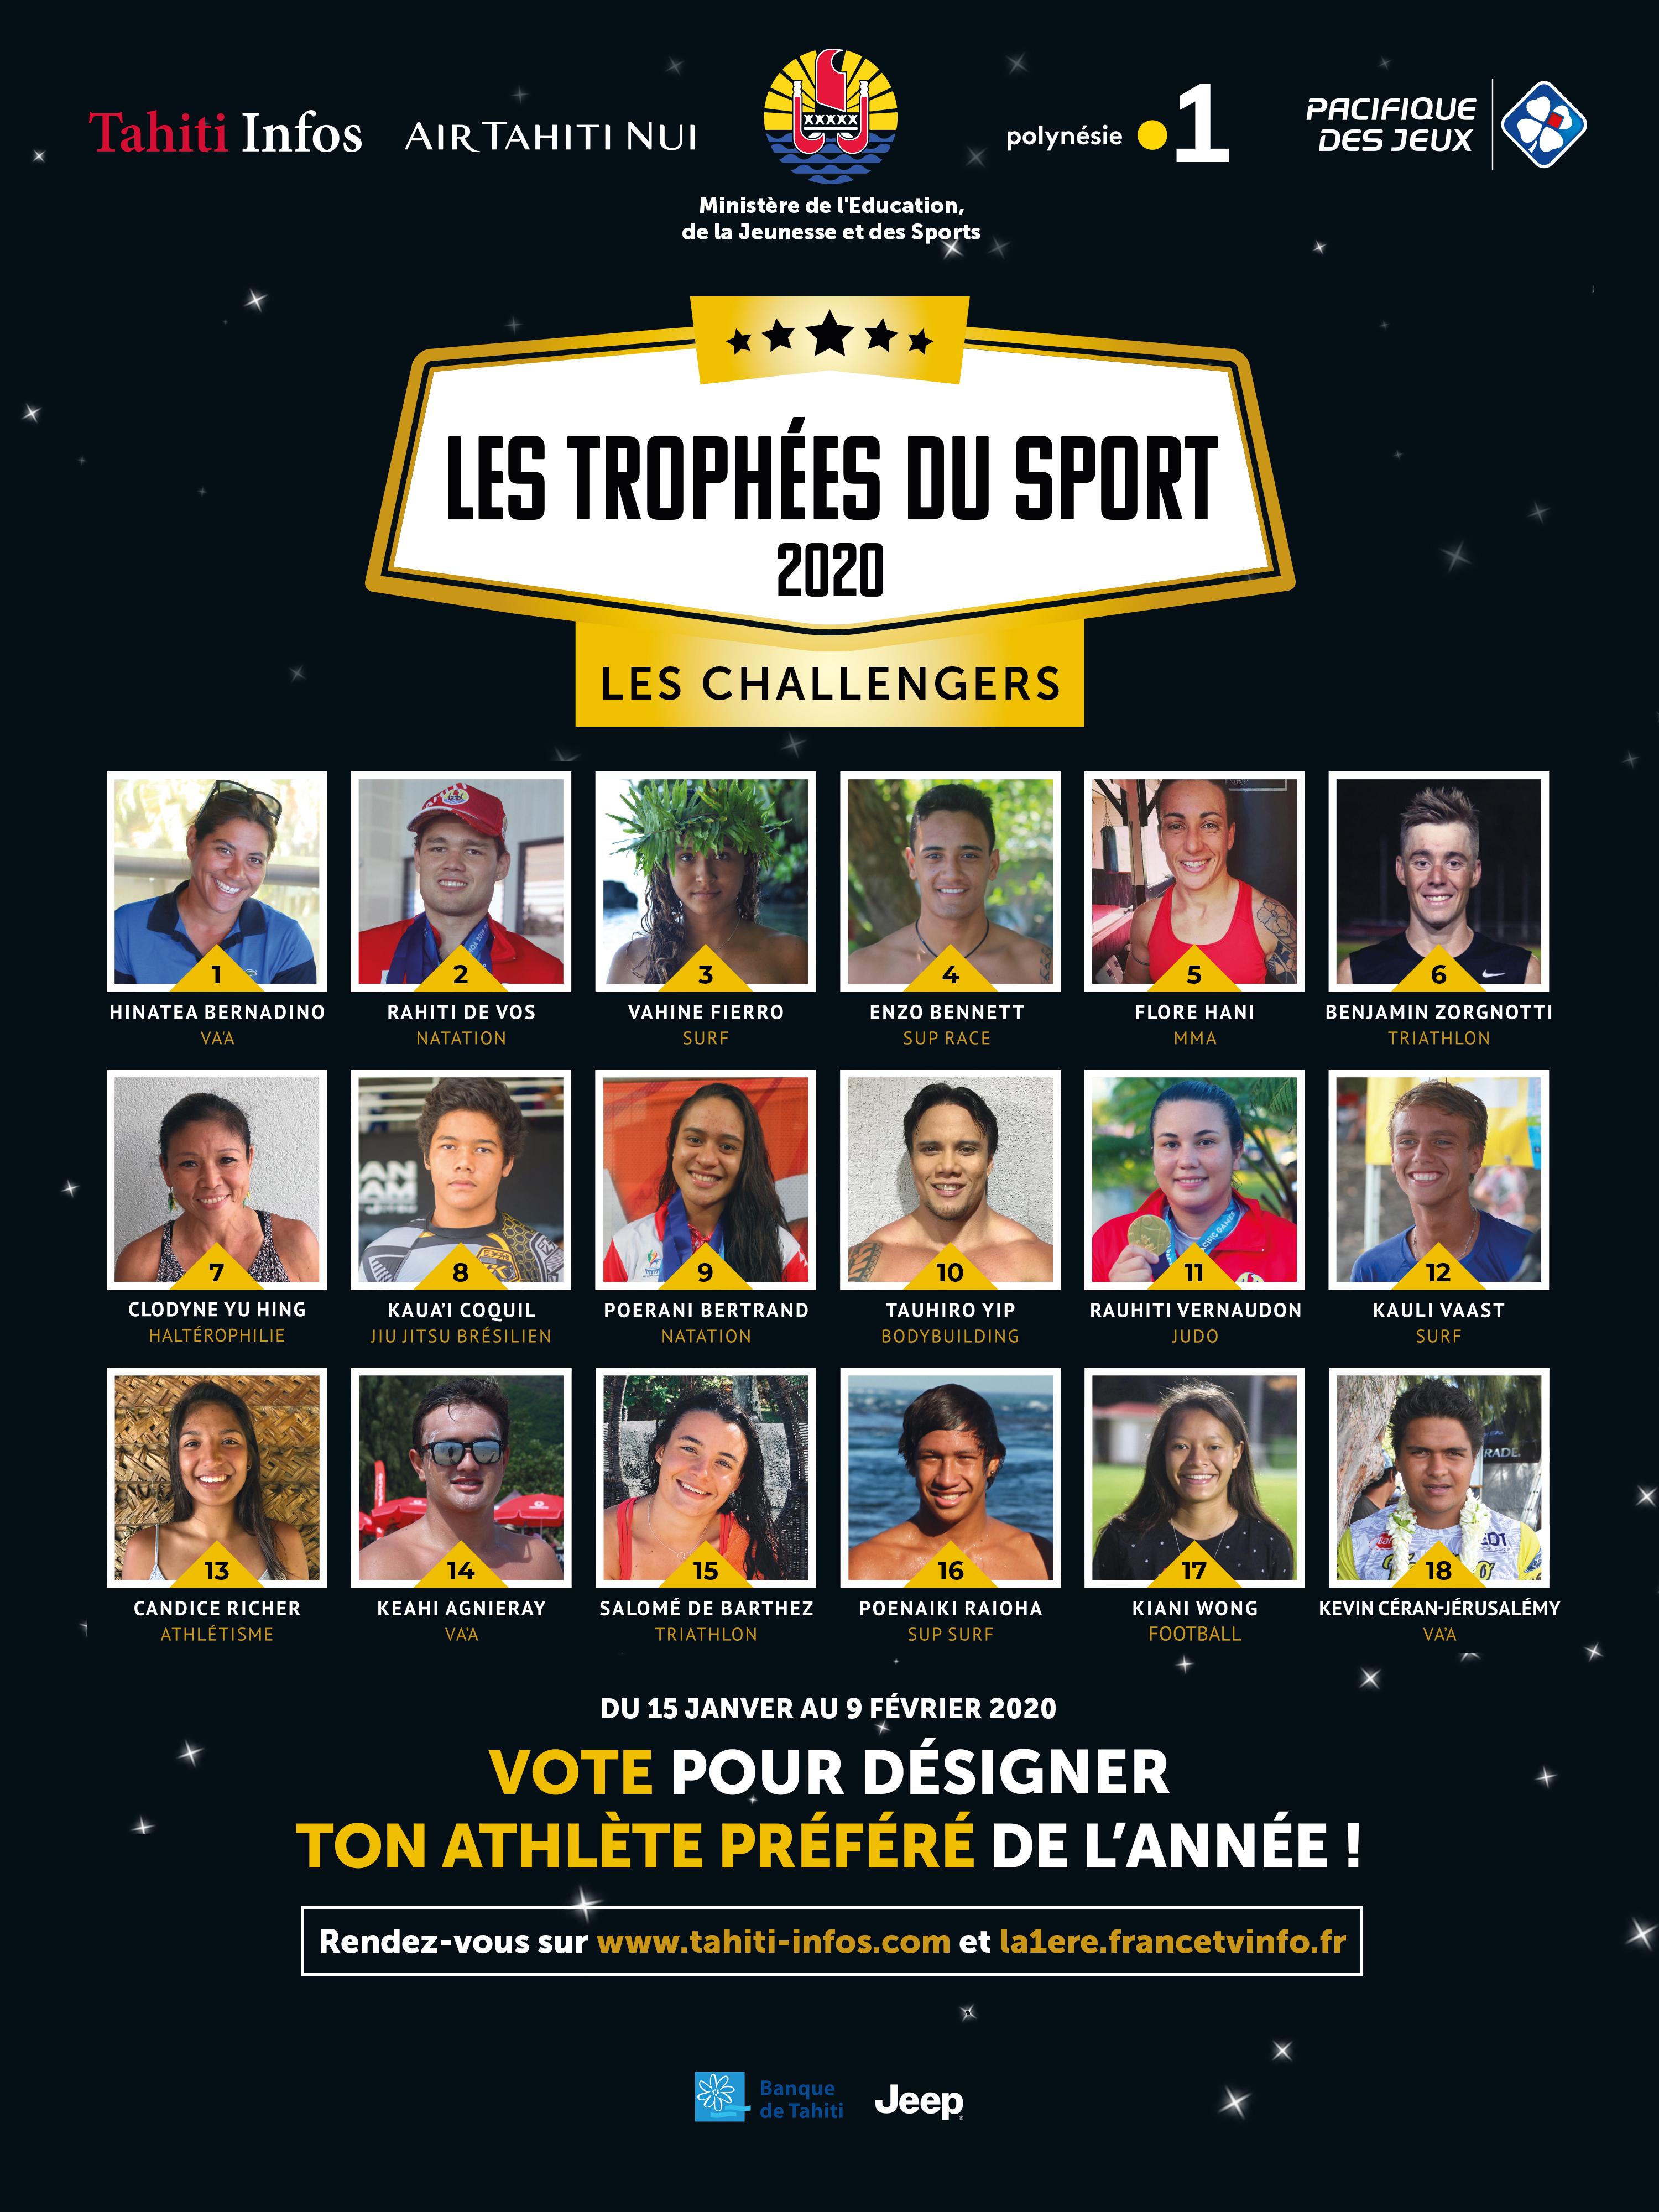 Trophées du sport 2020 : Qui sera votre sportif préféré ?